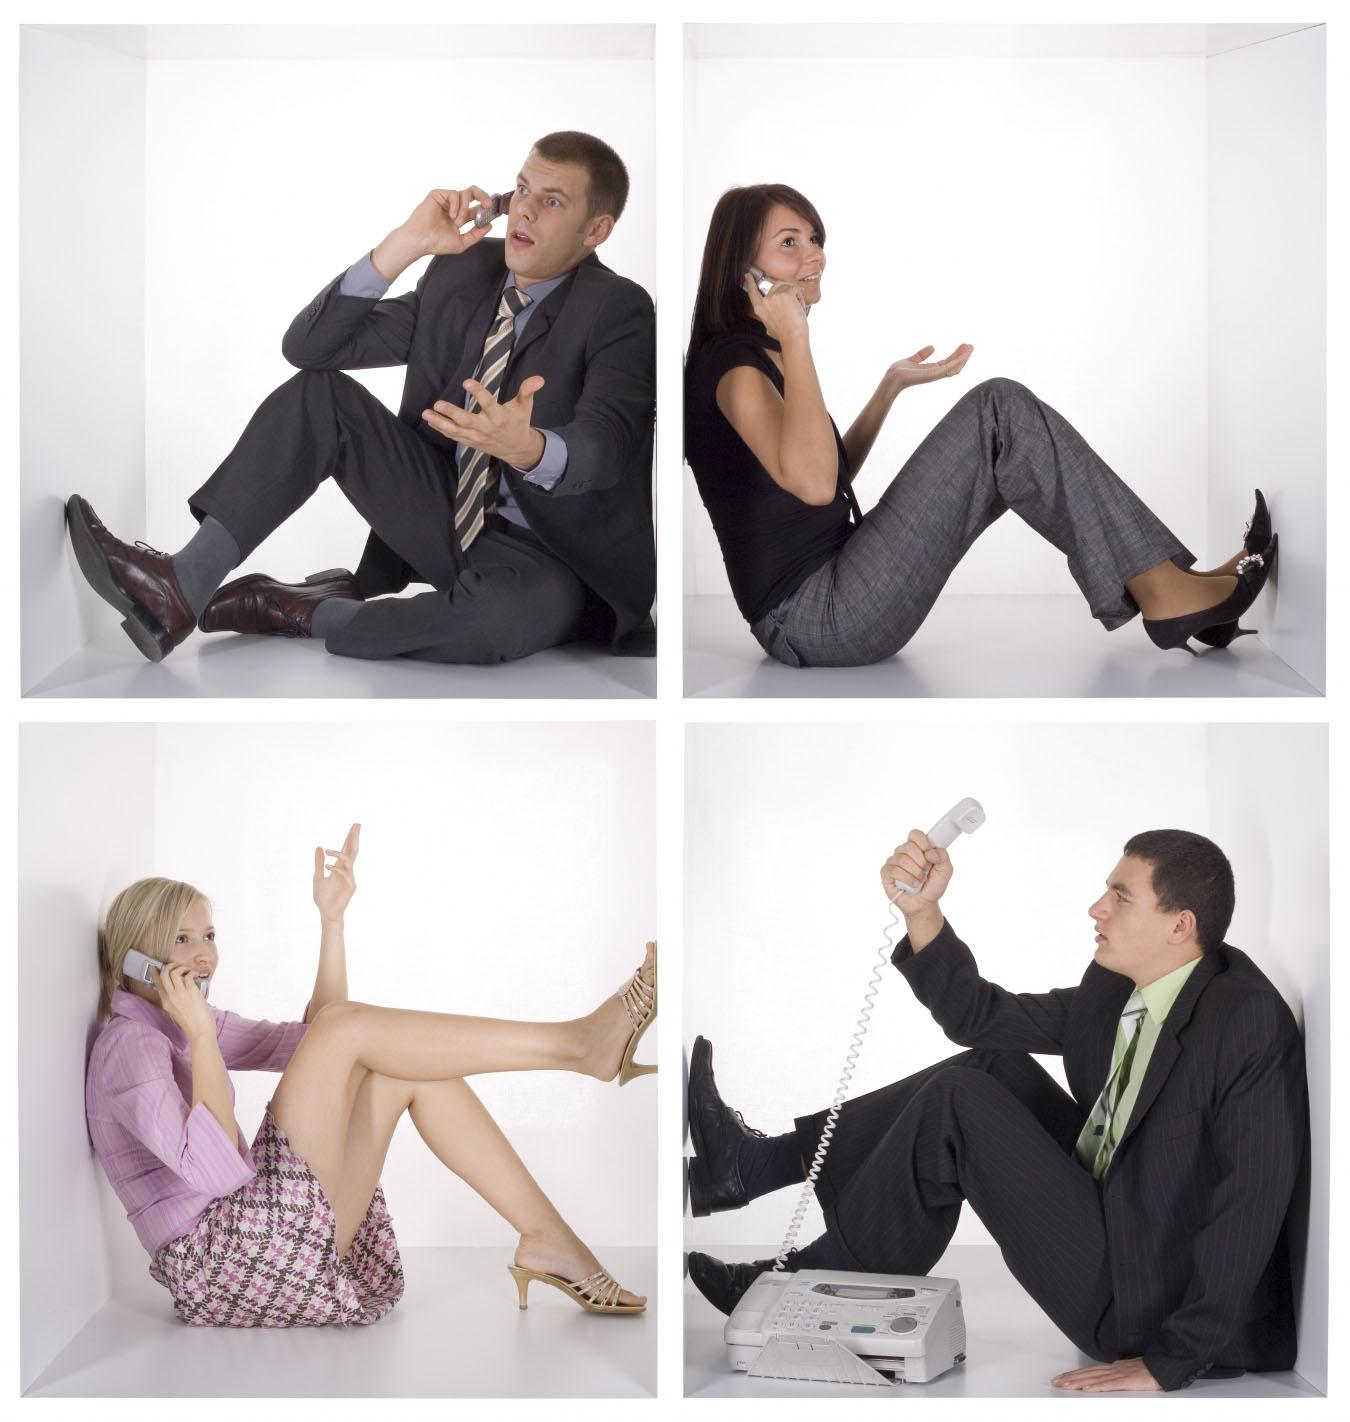 Как прекратить неприятный разговор вежливо?